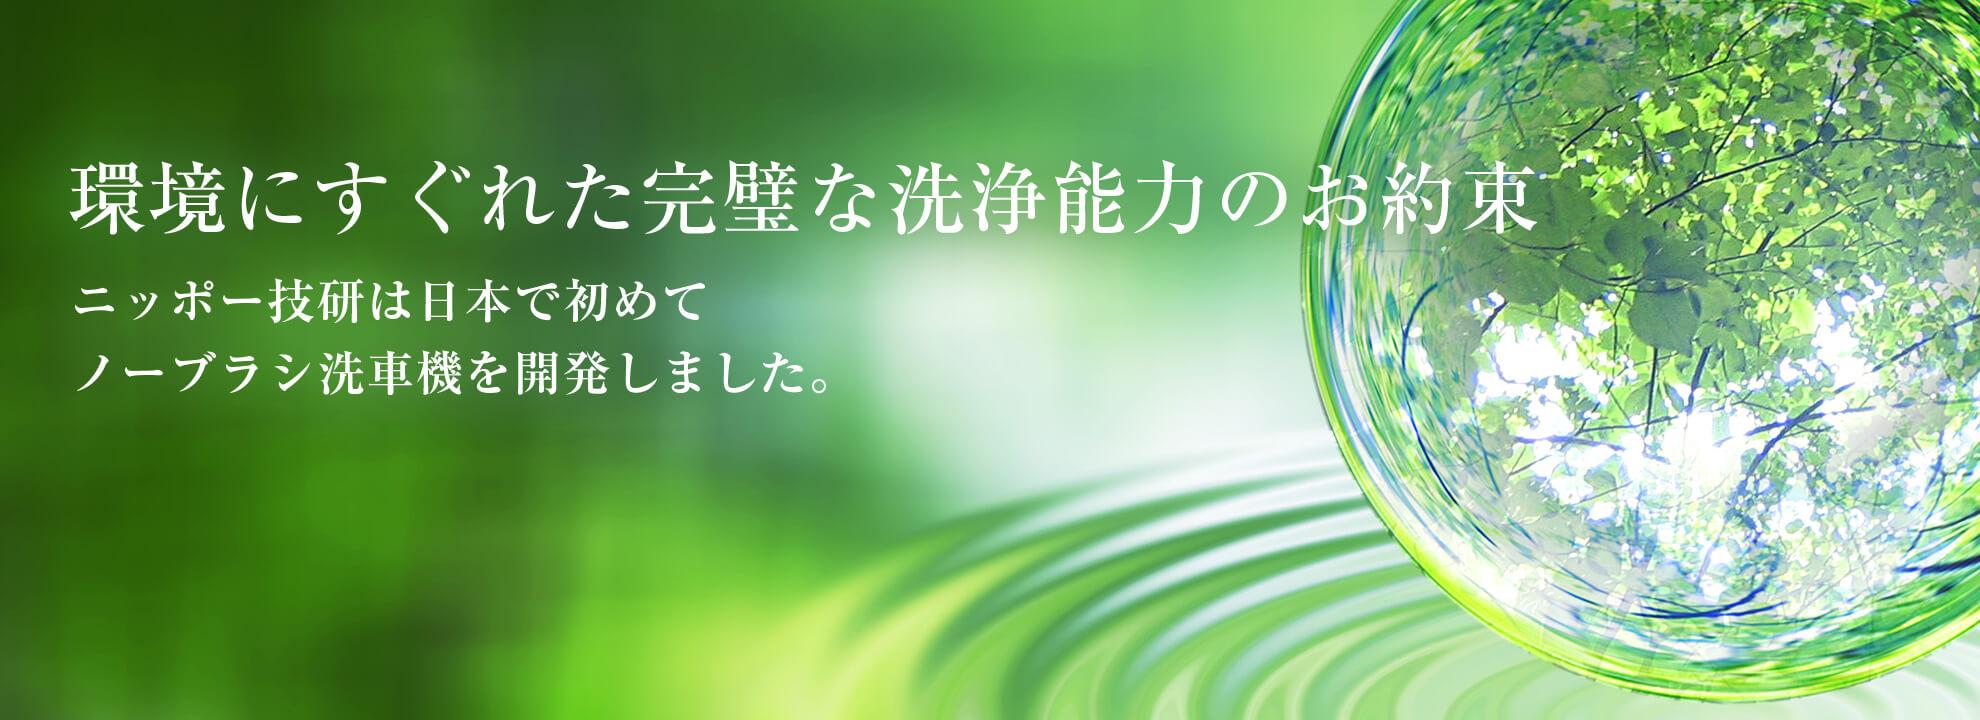 ニッポー技研は日本で初めてノーブラシ洗車機を開発しました